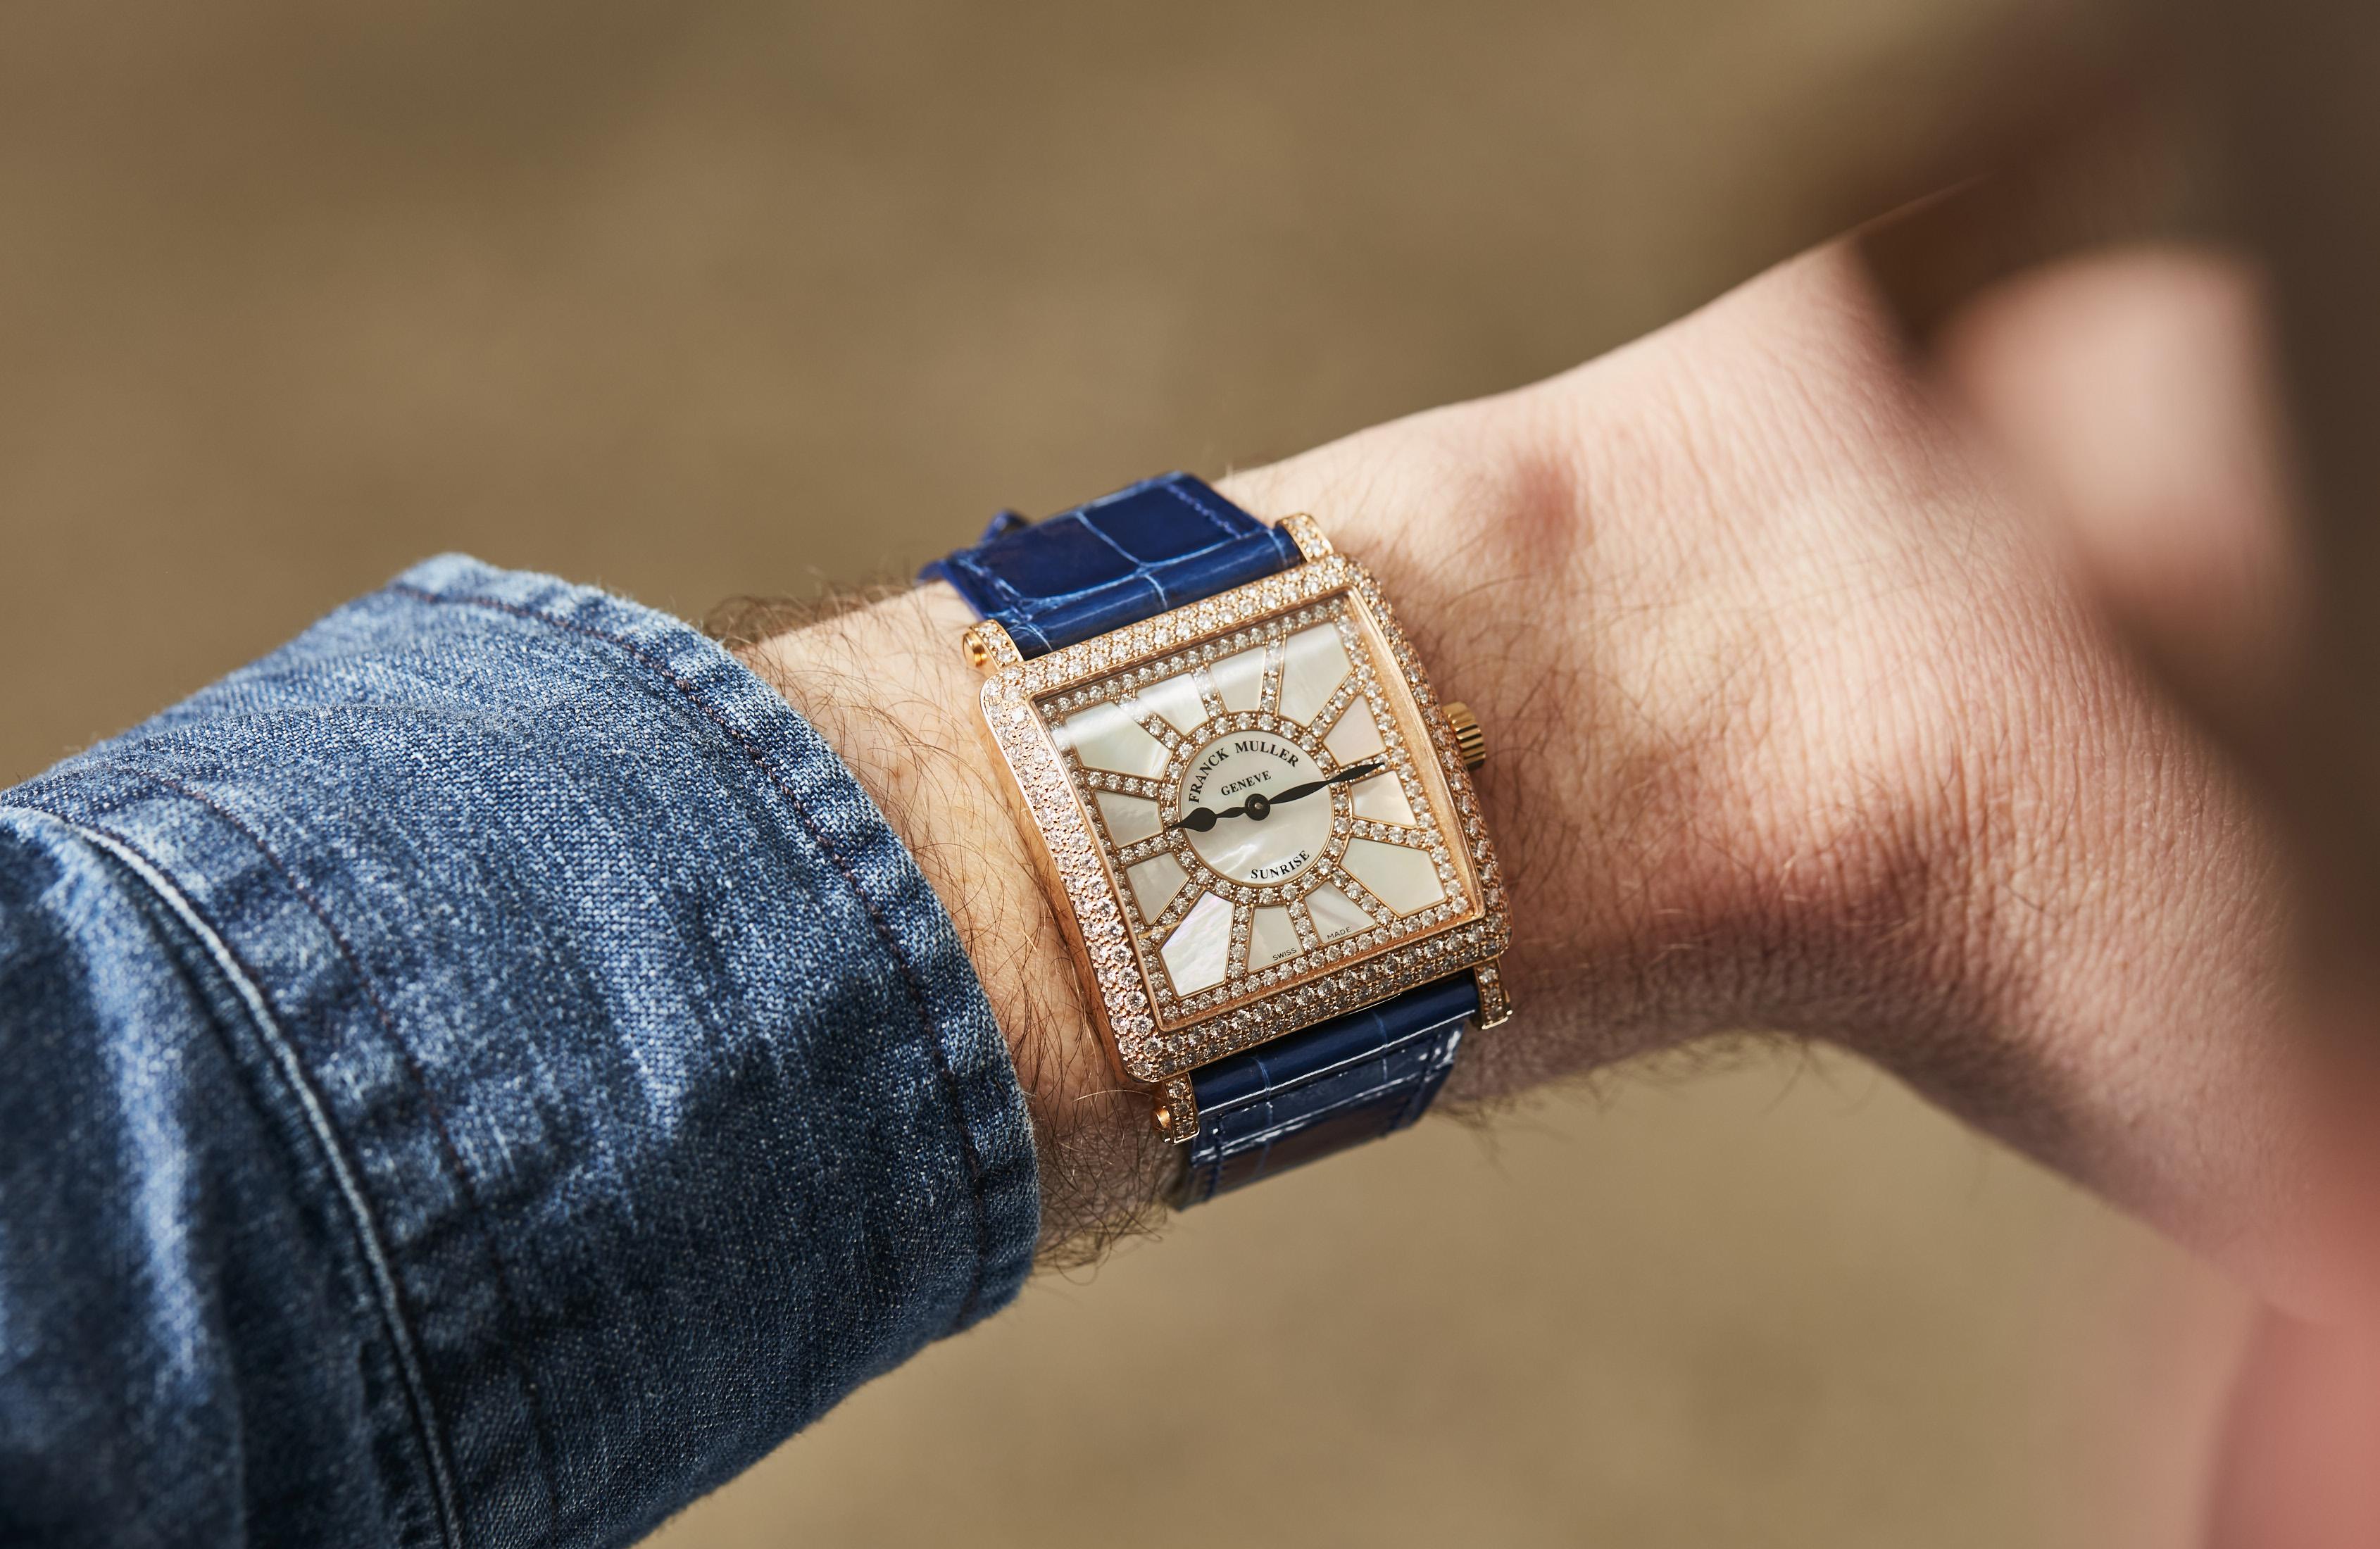 Franck Muller diamonds